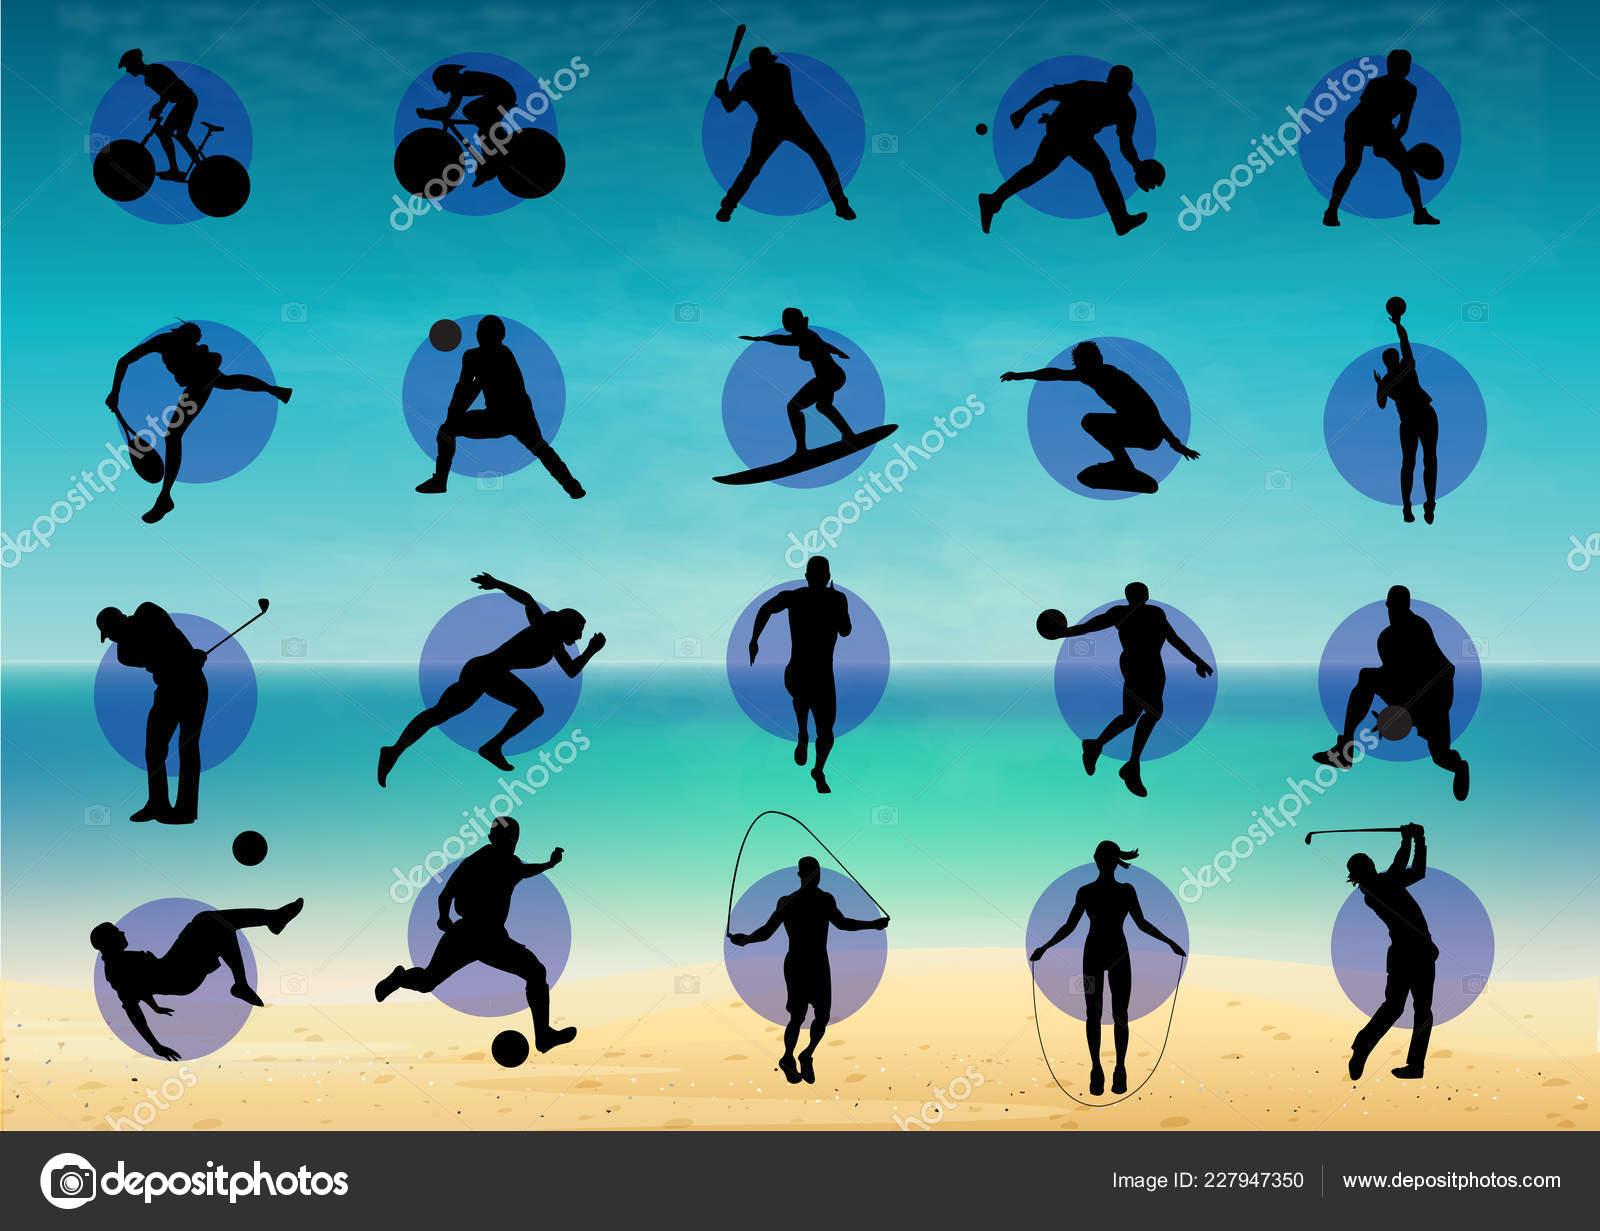 Ilustracion Representa Pictograma Variados Deportes Varios Juegos